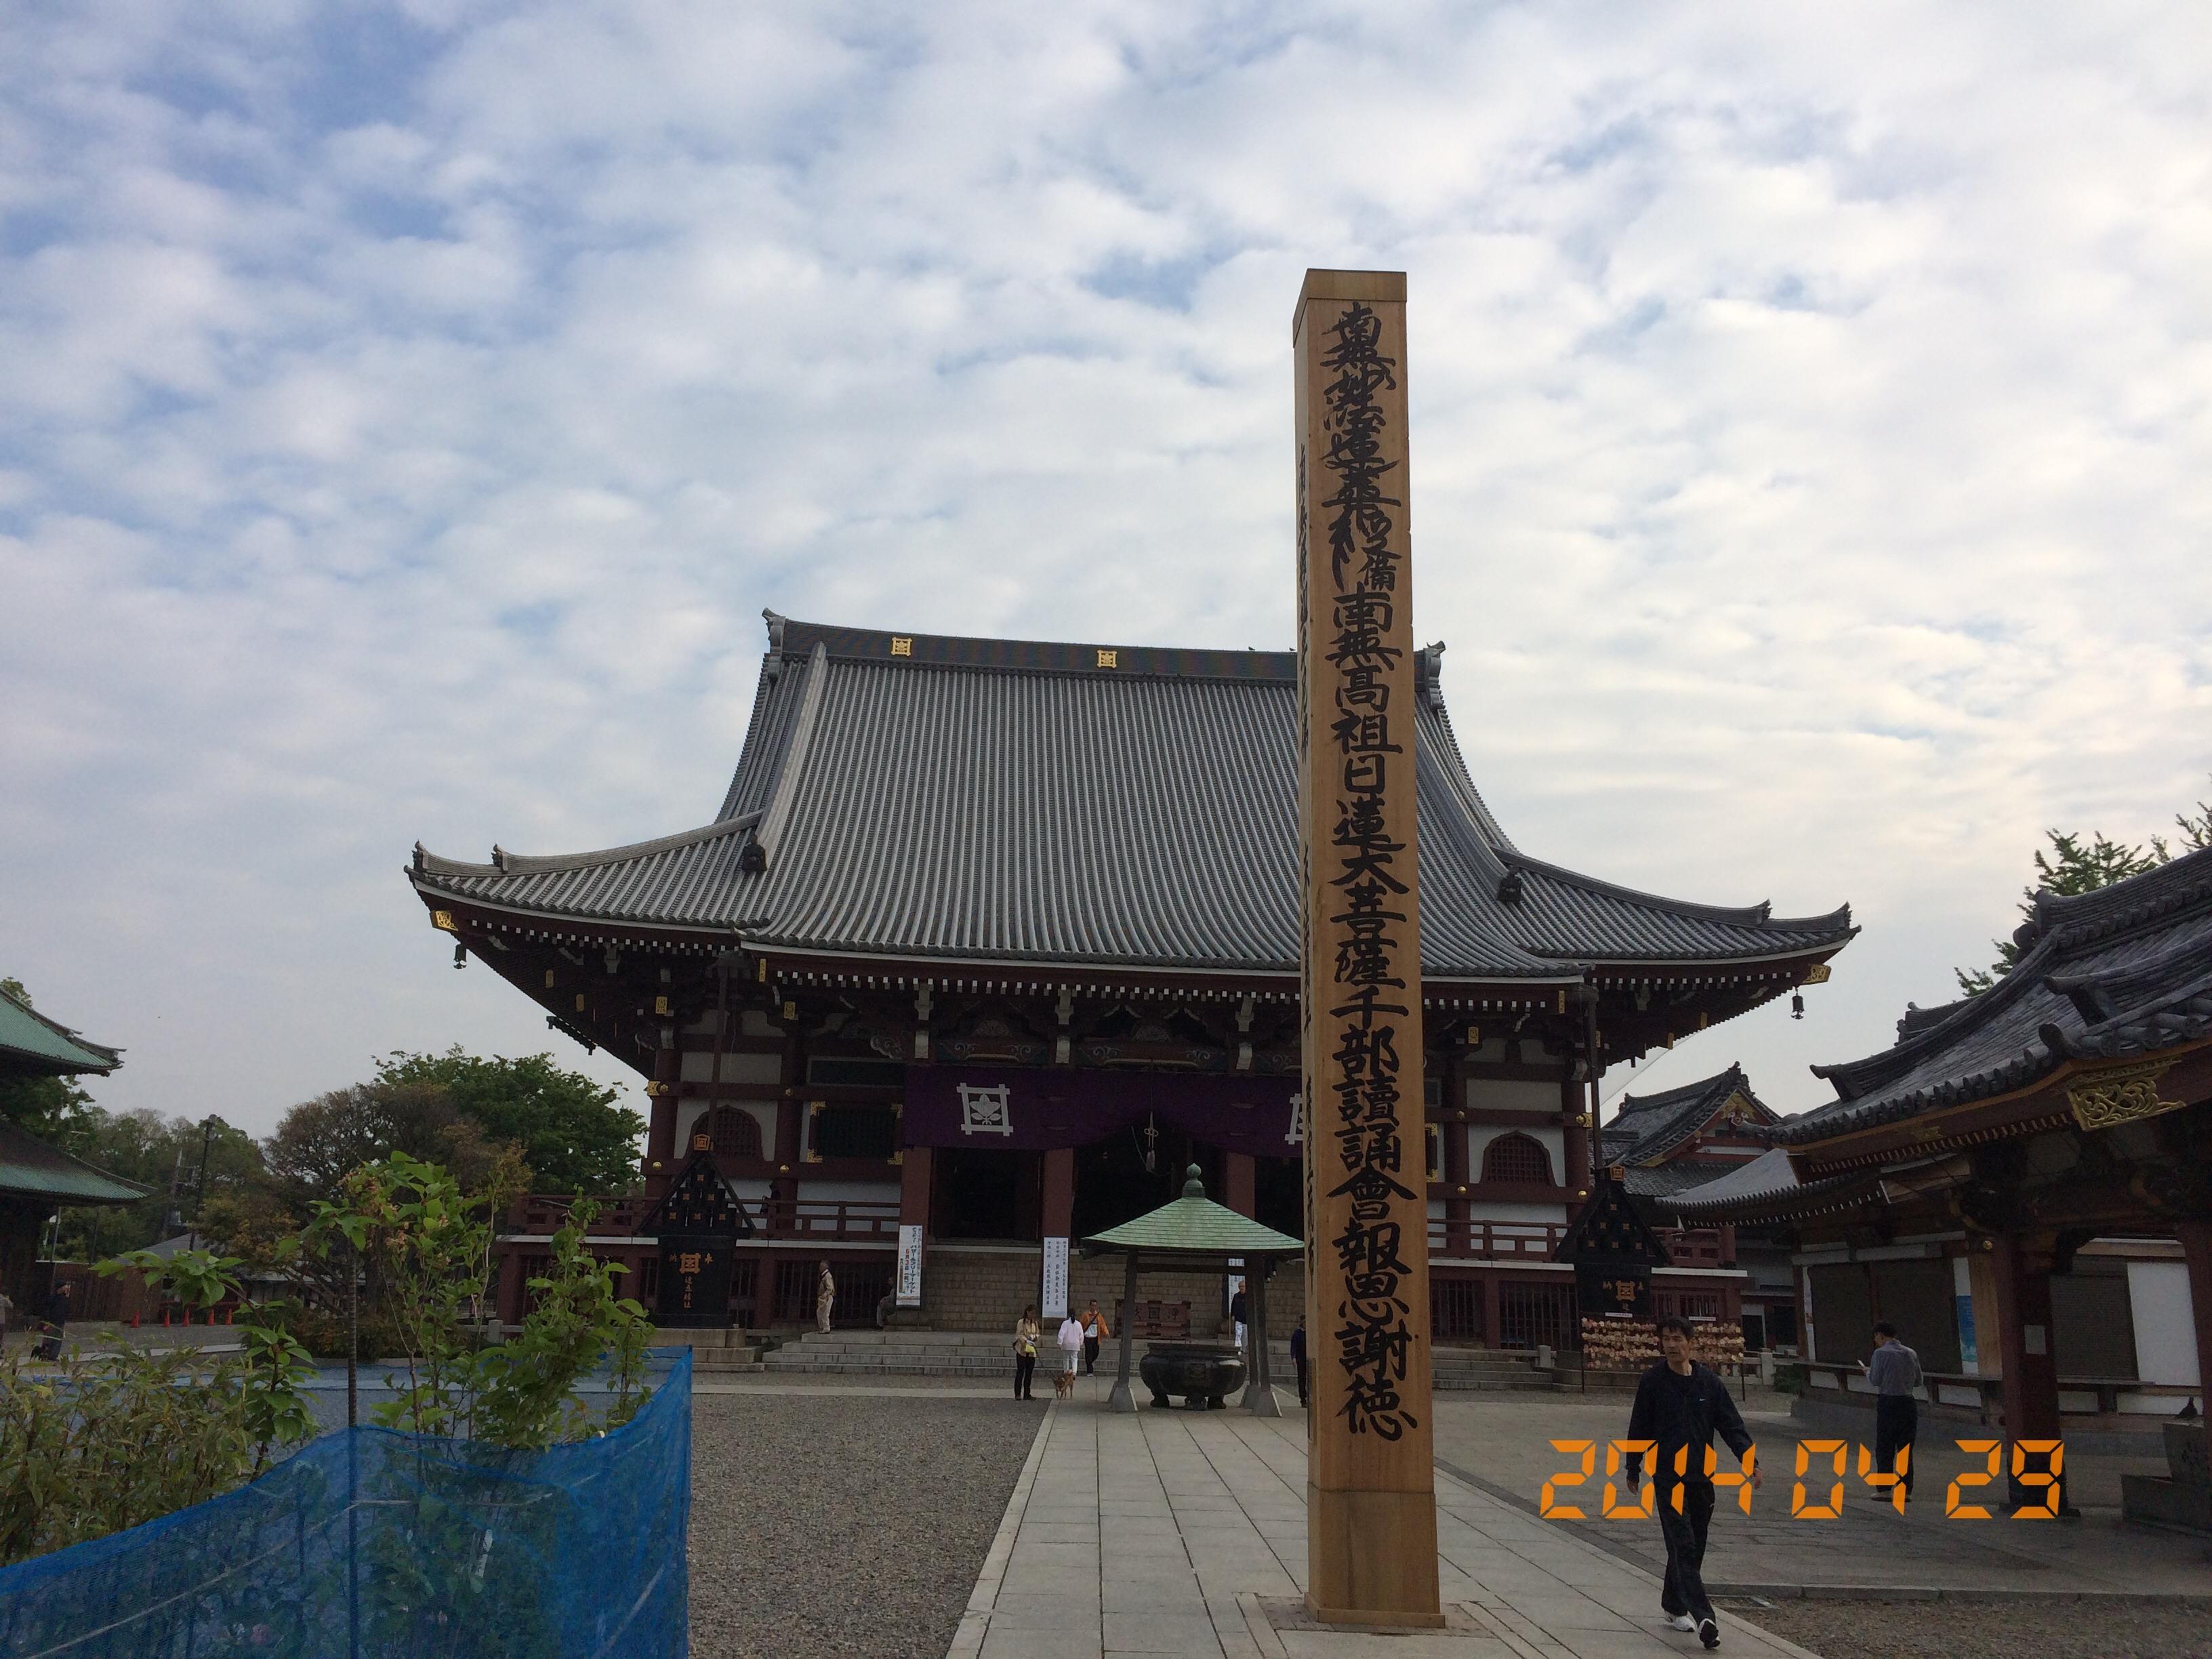 2014年4月29日池上本門寺